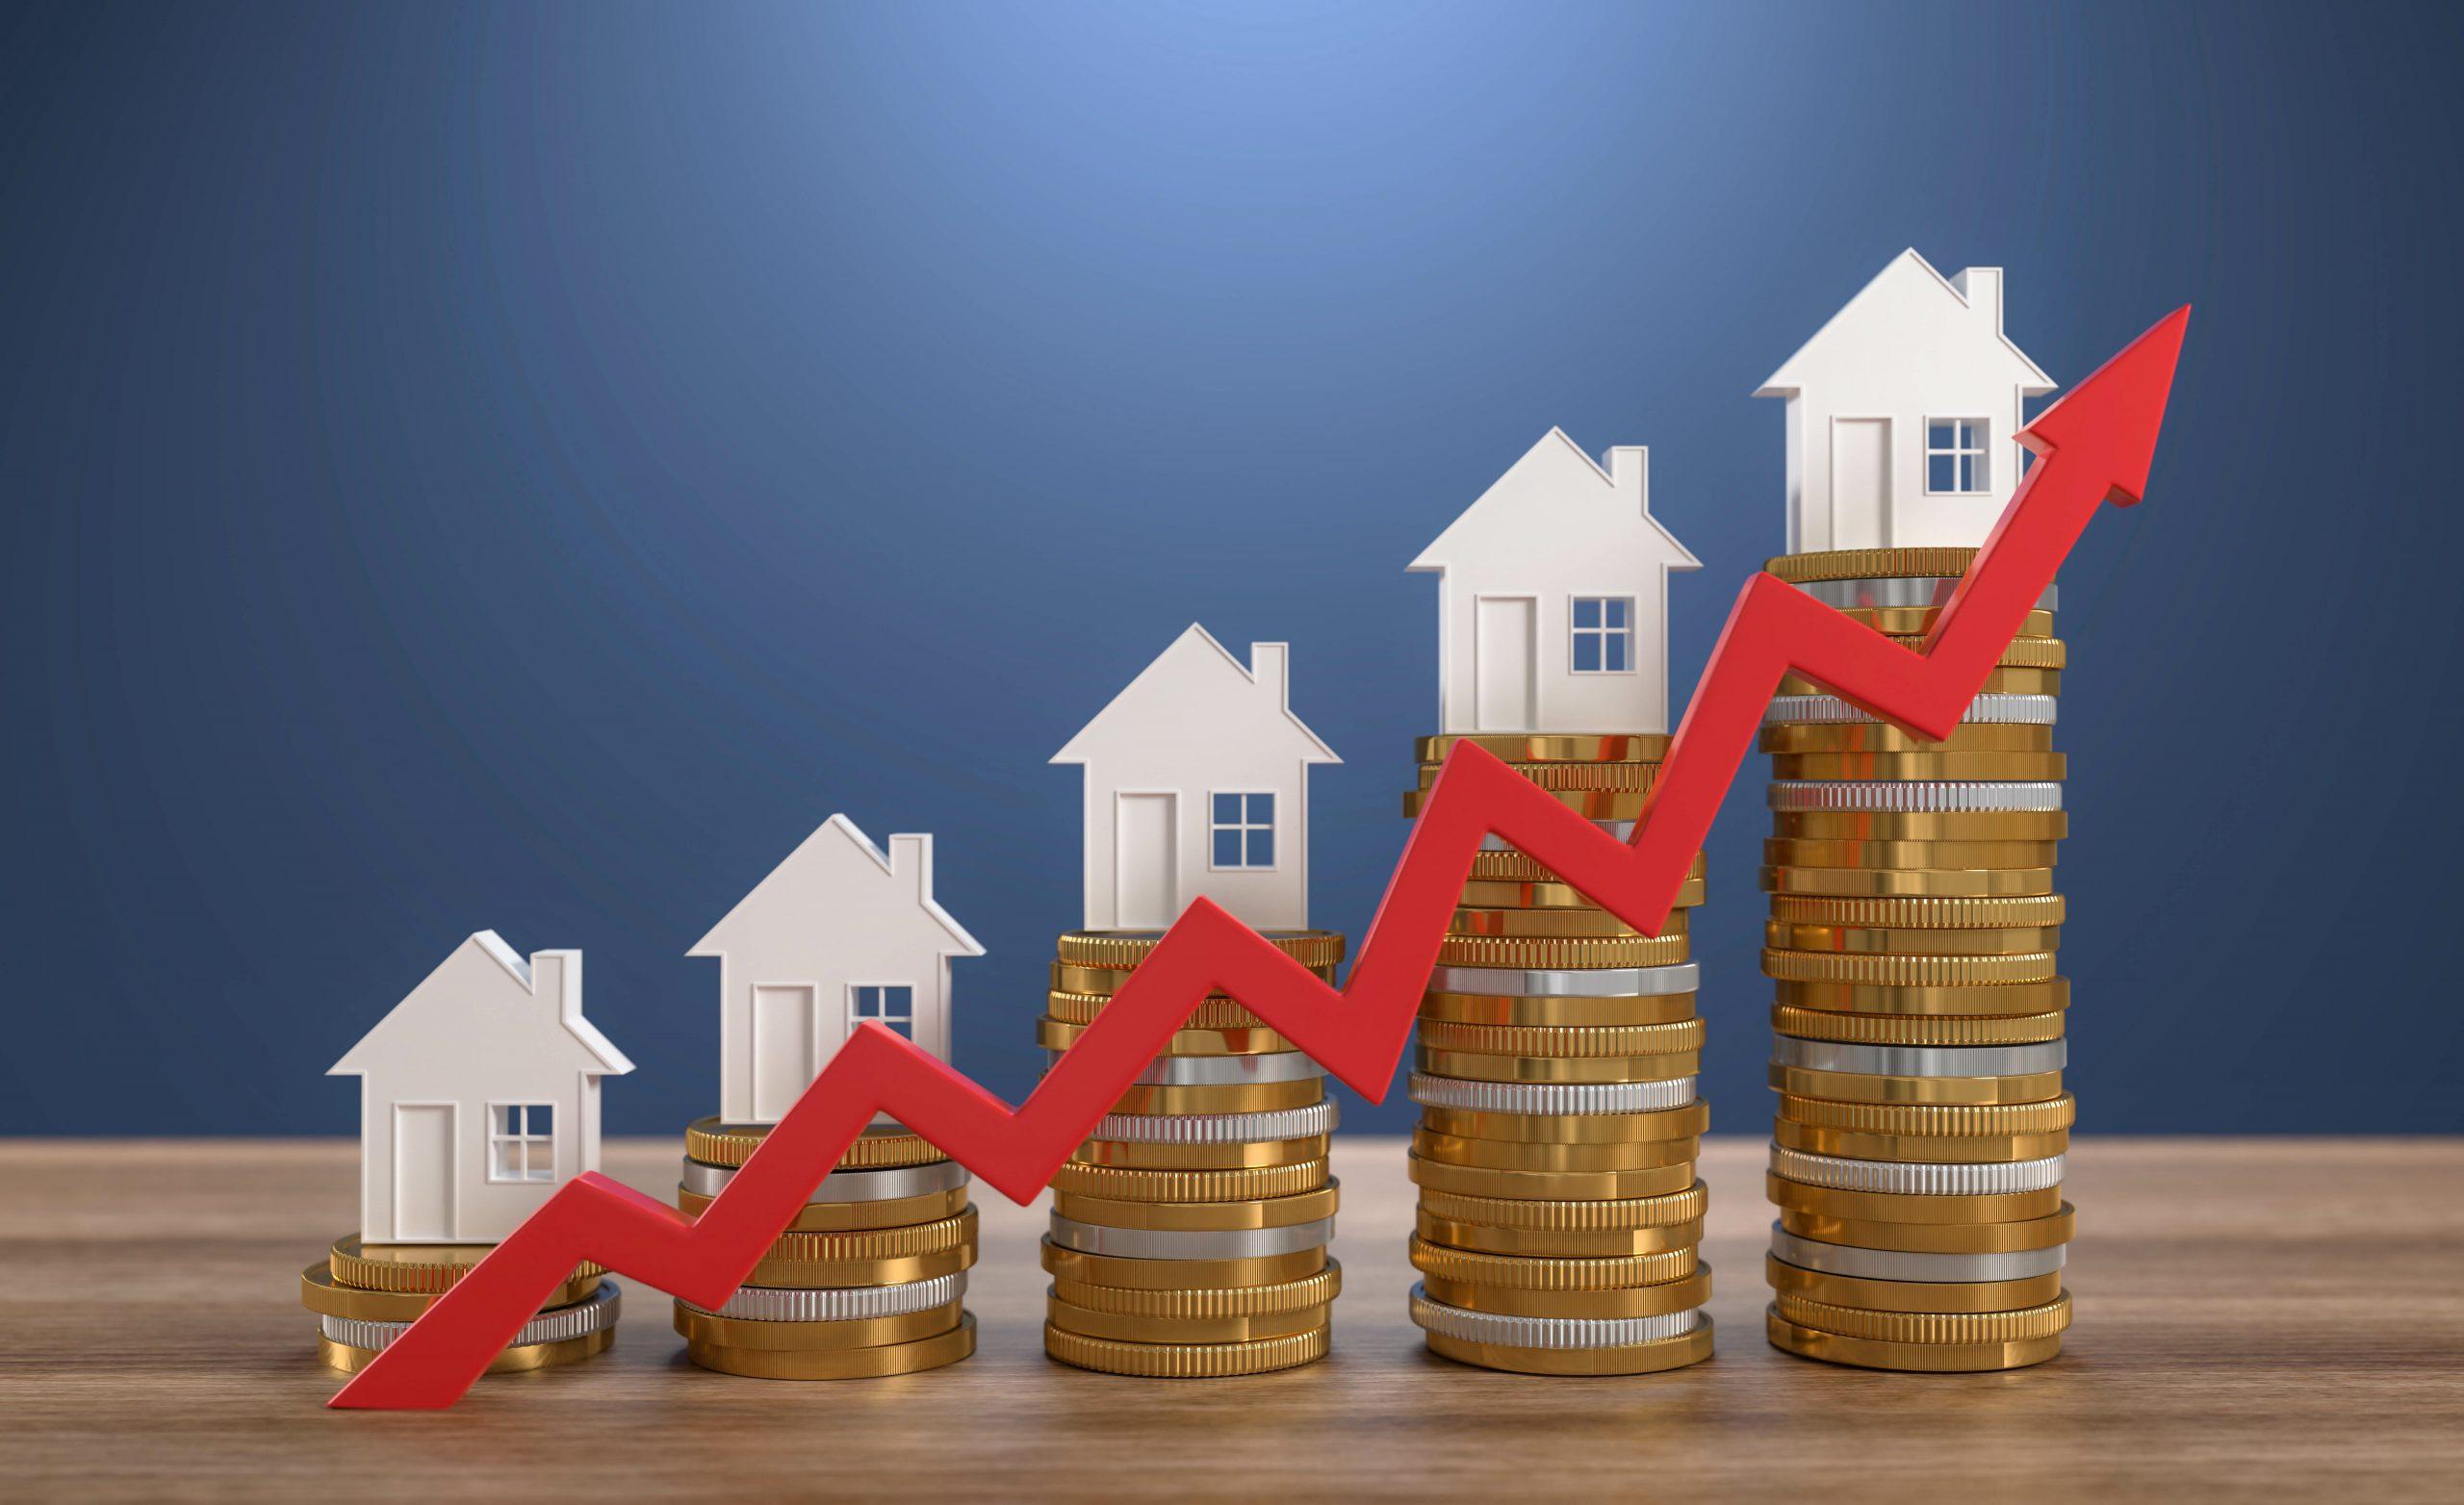 Wertsteigerung von Immobilien: Auf die richtige Lage kommt es an